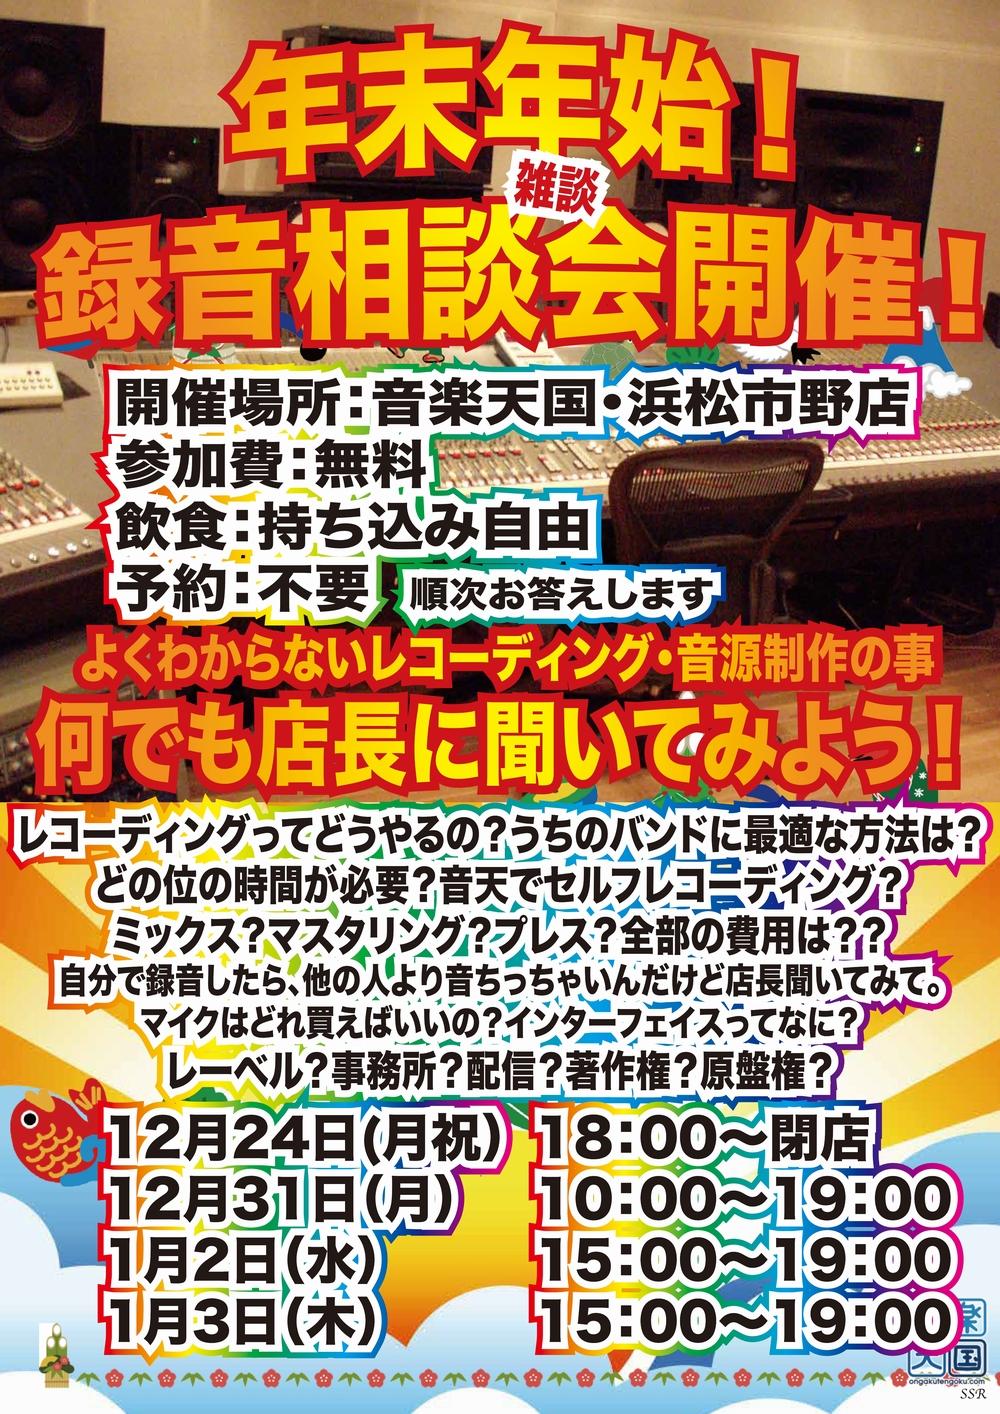 【録音・レコーディング相談会】音楽天国・浜松市野店12/24から1/3開催